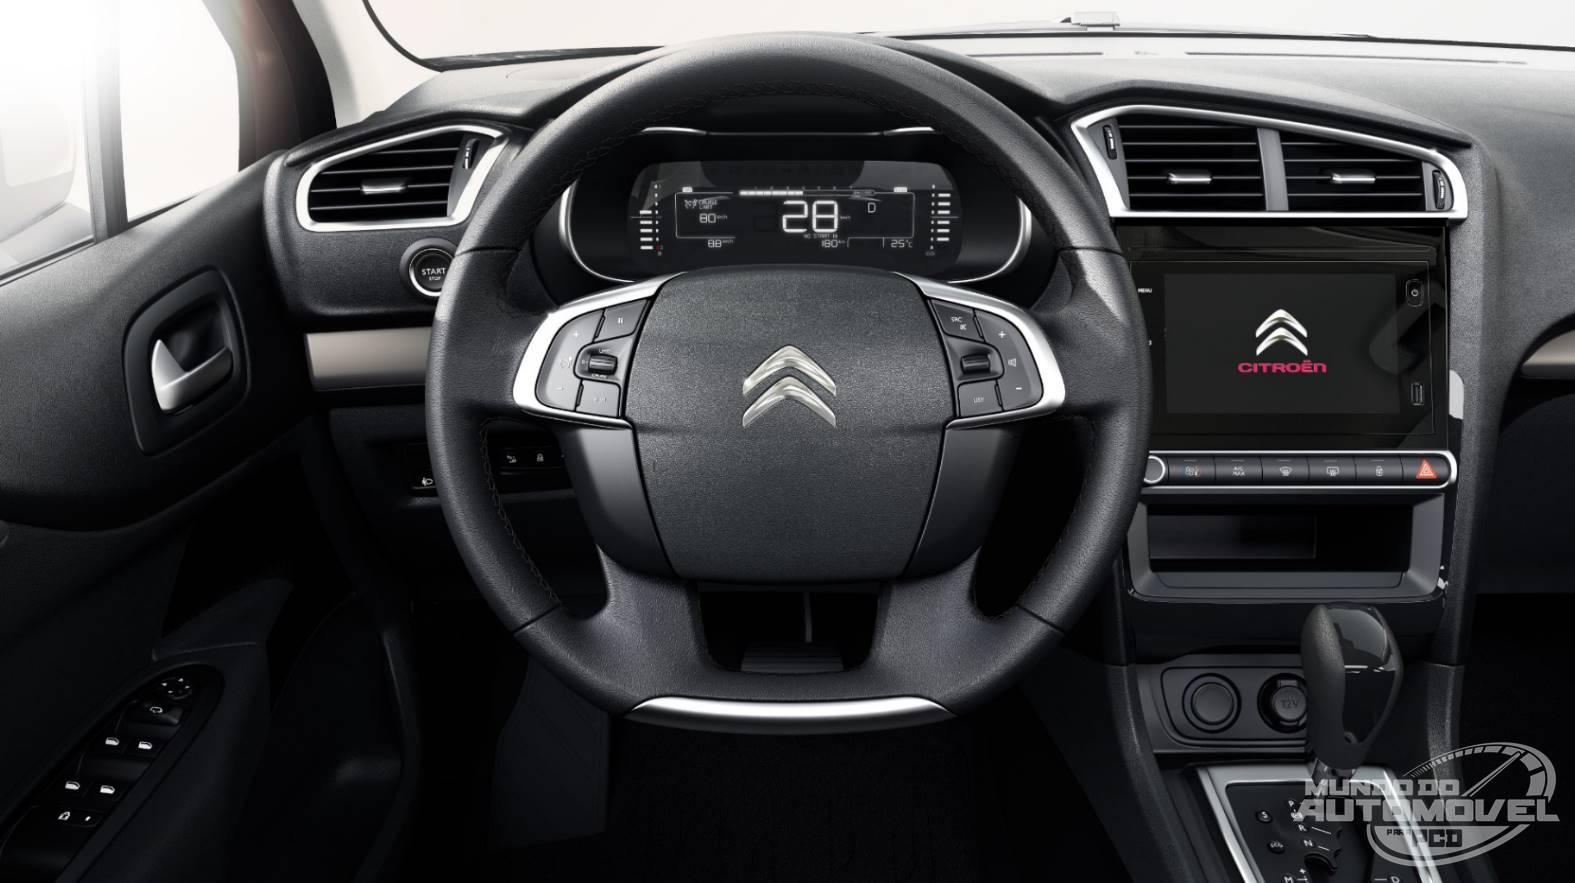 Citro U00ebn Convoca C4 Lounge E Mais 3 Modelos Para Recall De Airbag